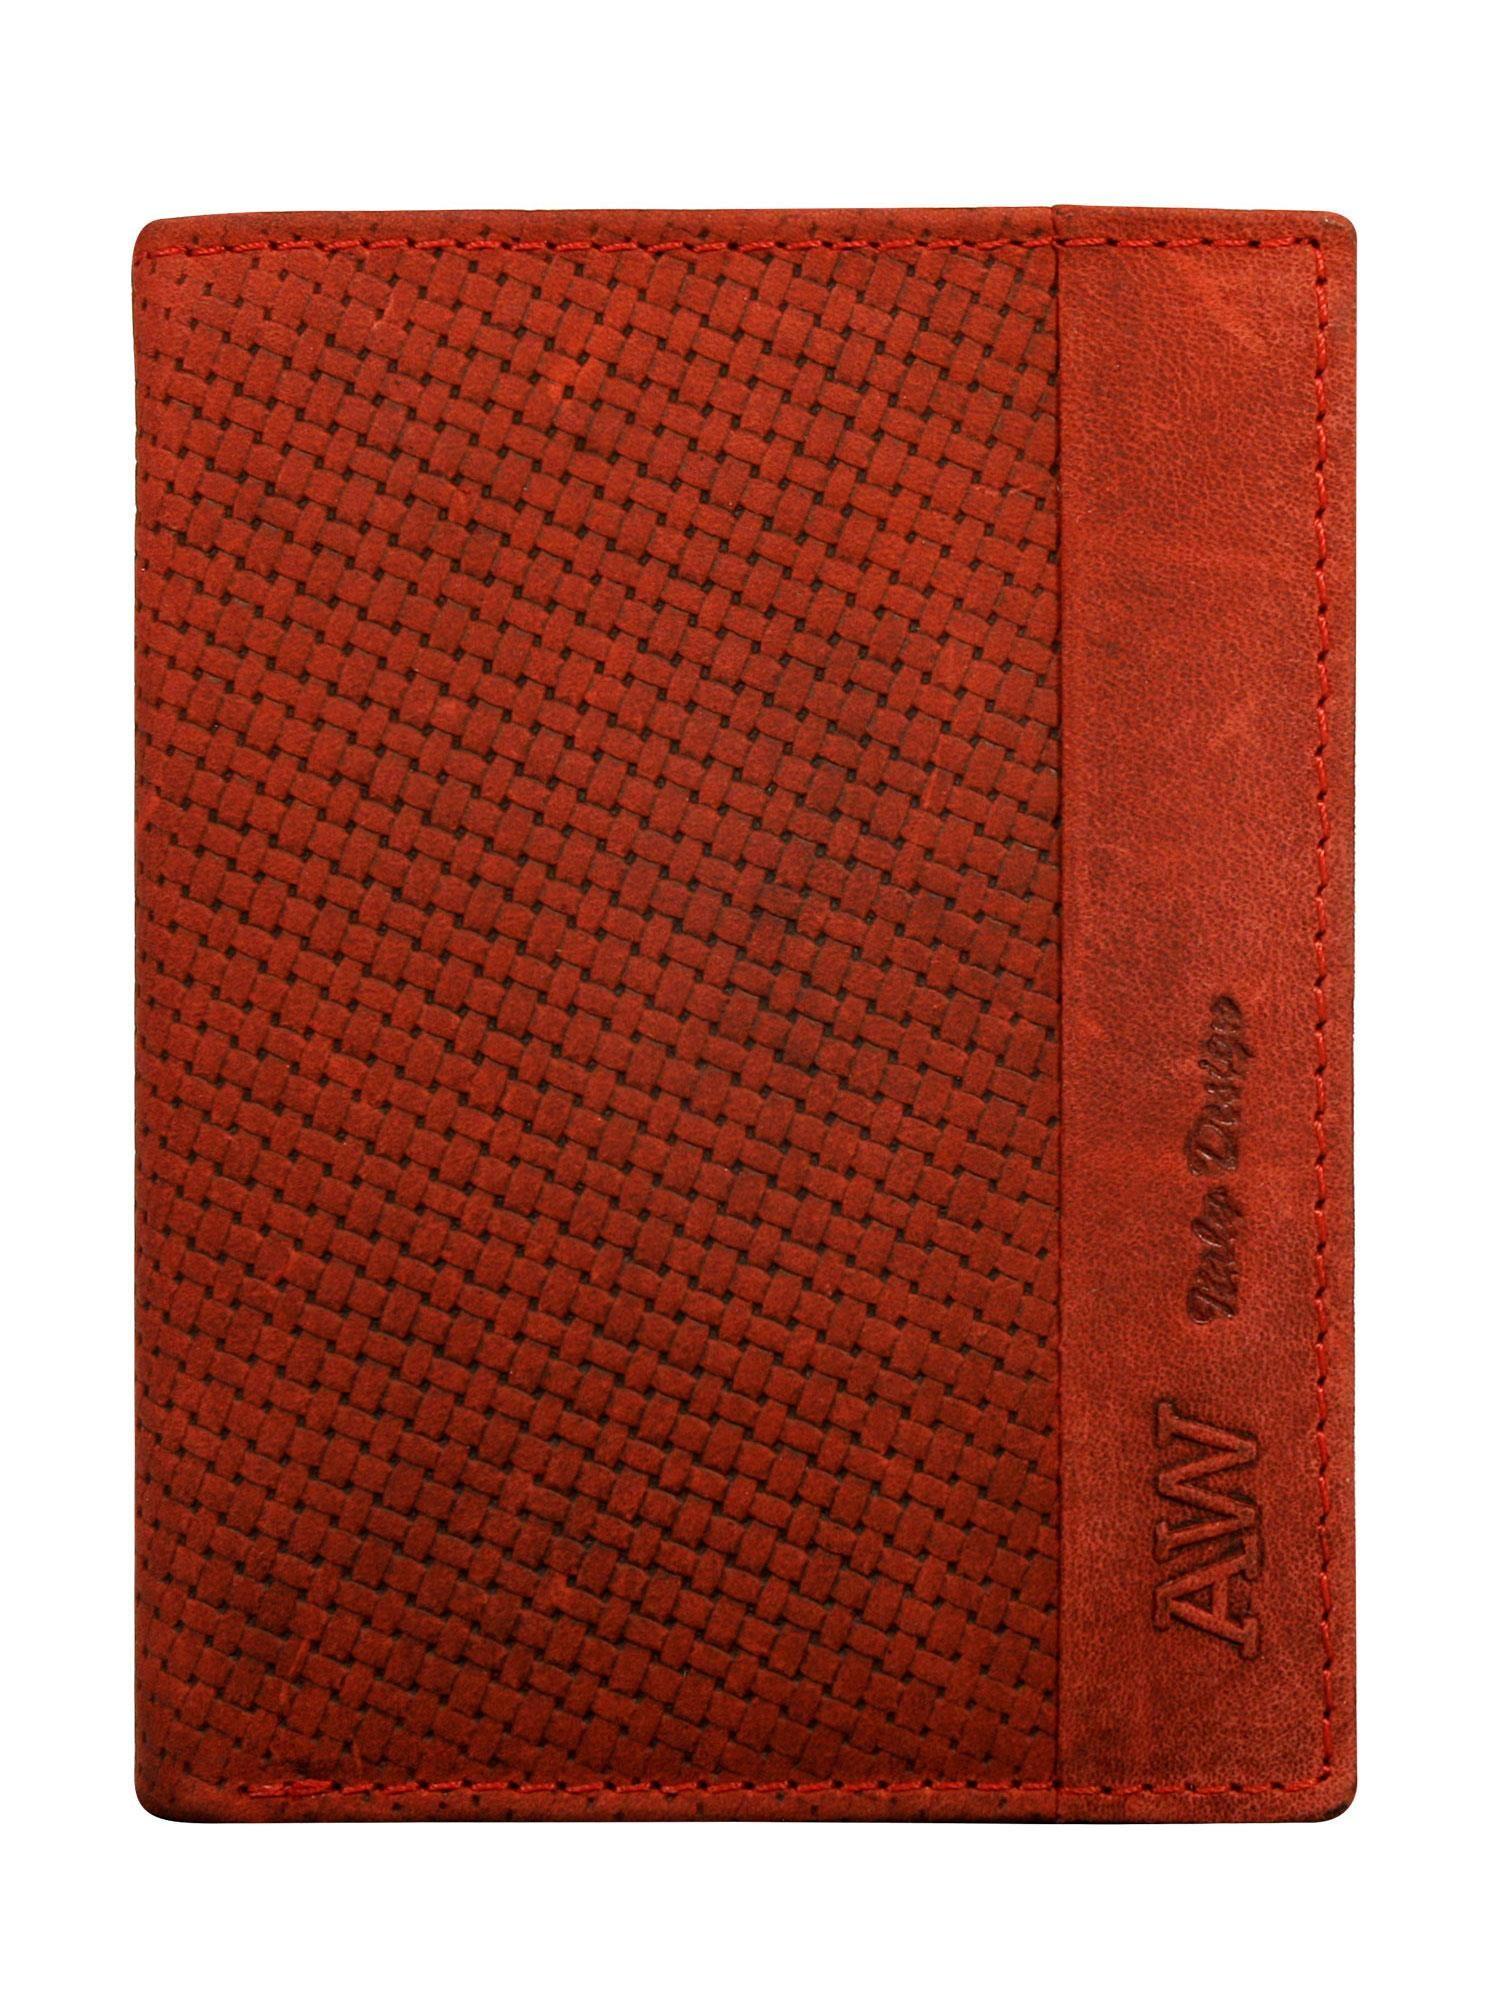 4da226fa5d9d9 Czerwony skórzany portfel męski z motywem plecionki - Mężczyźni portfel  męski - sklep eButik.pl